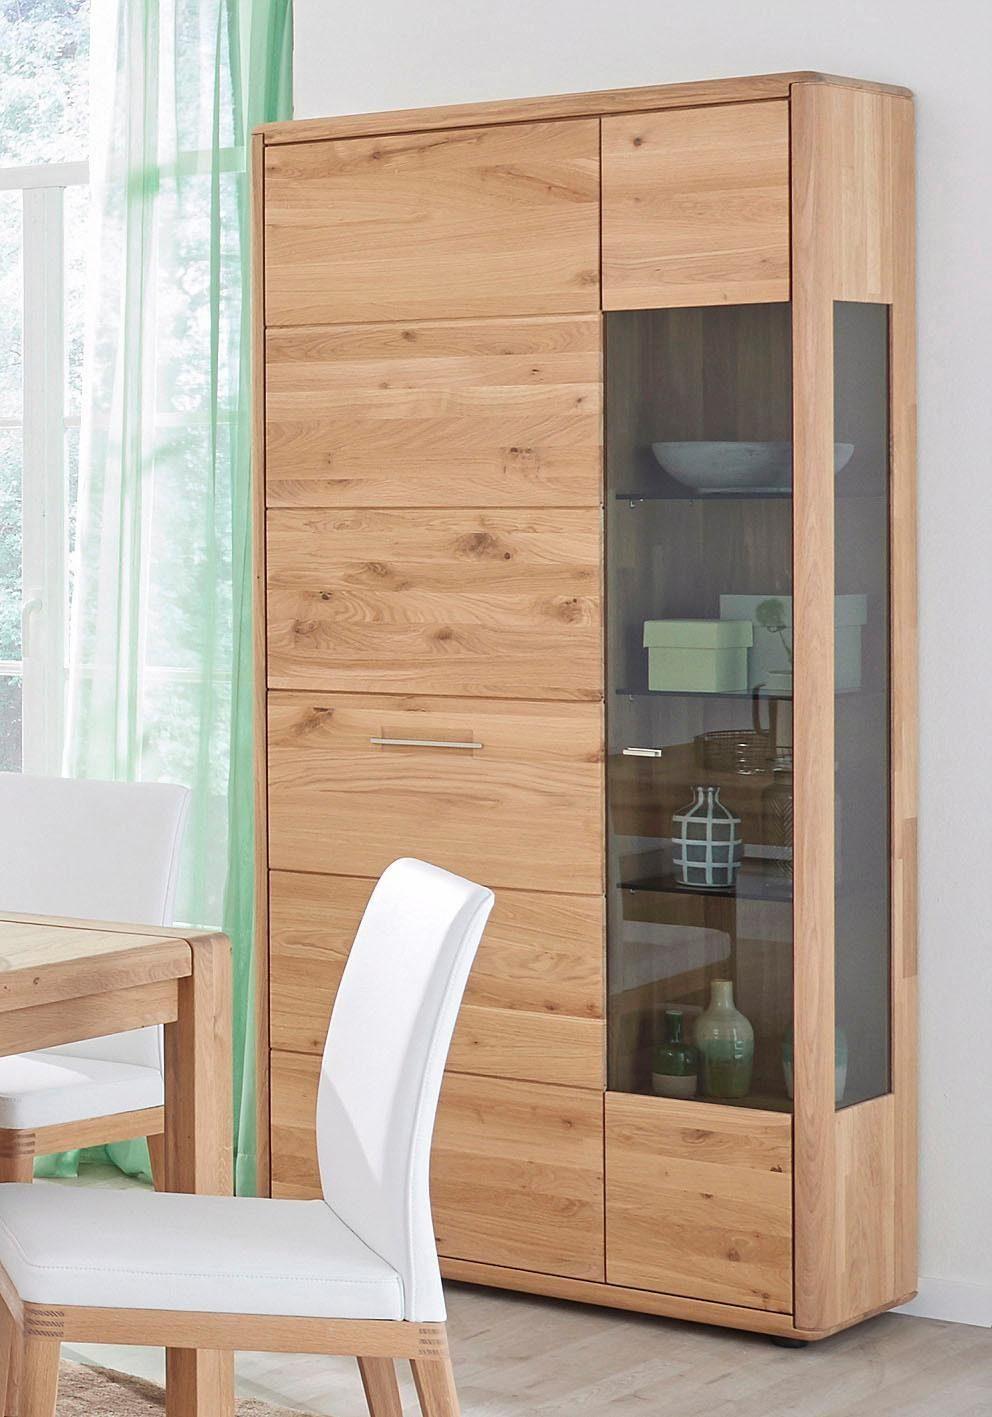 DECKER Vitrinenschrank »DERVIO« aus Massivholz, mit Glaseinsatz, Höhe 202 cm online kaufen   OTTO